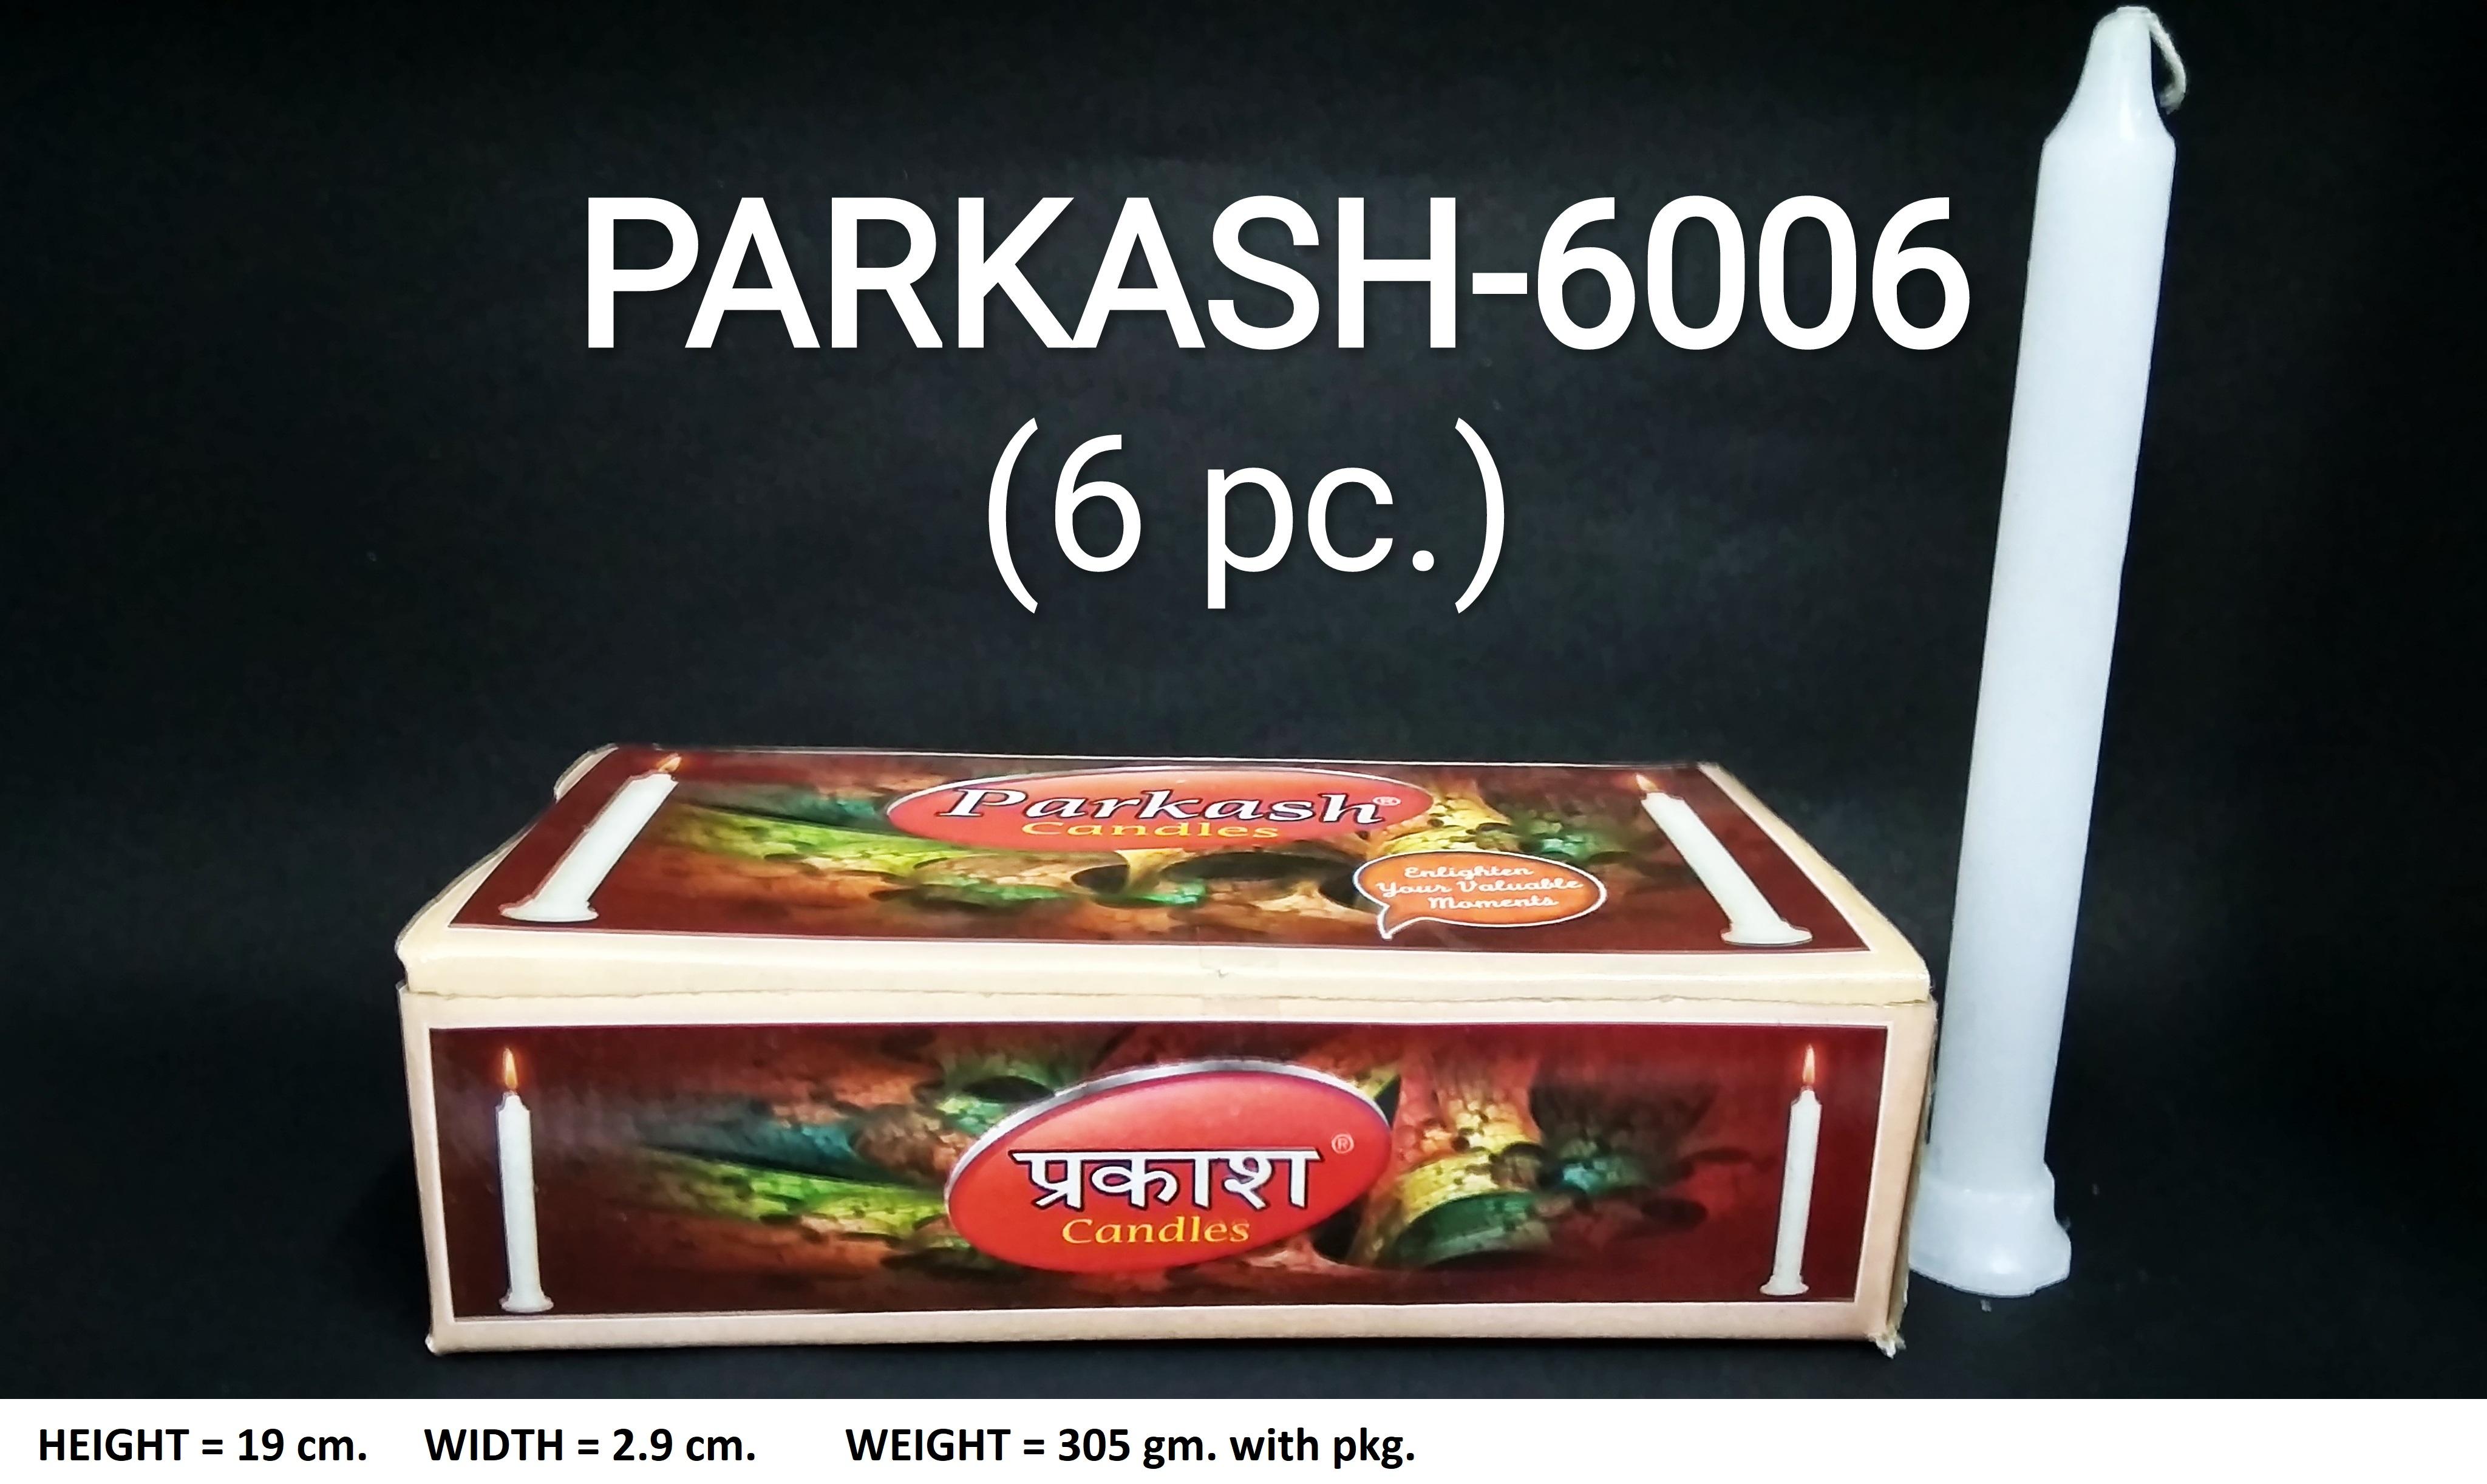 PARKASH-6006